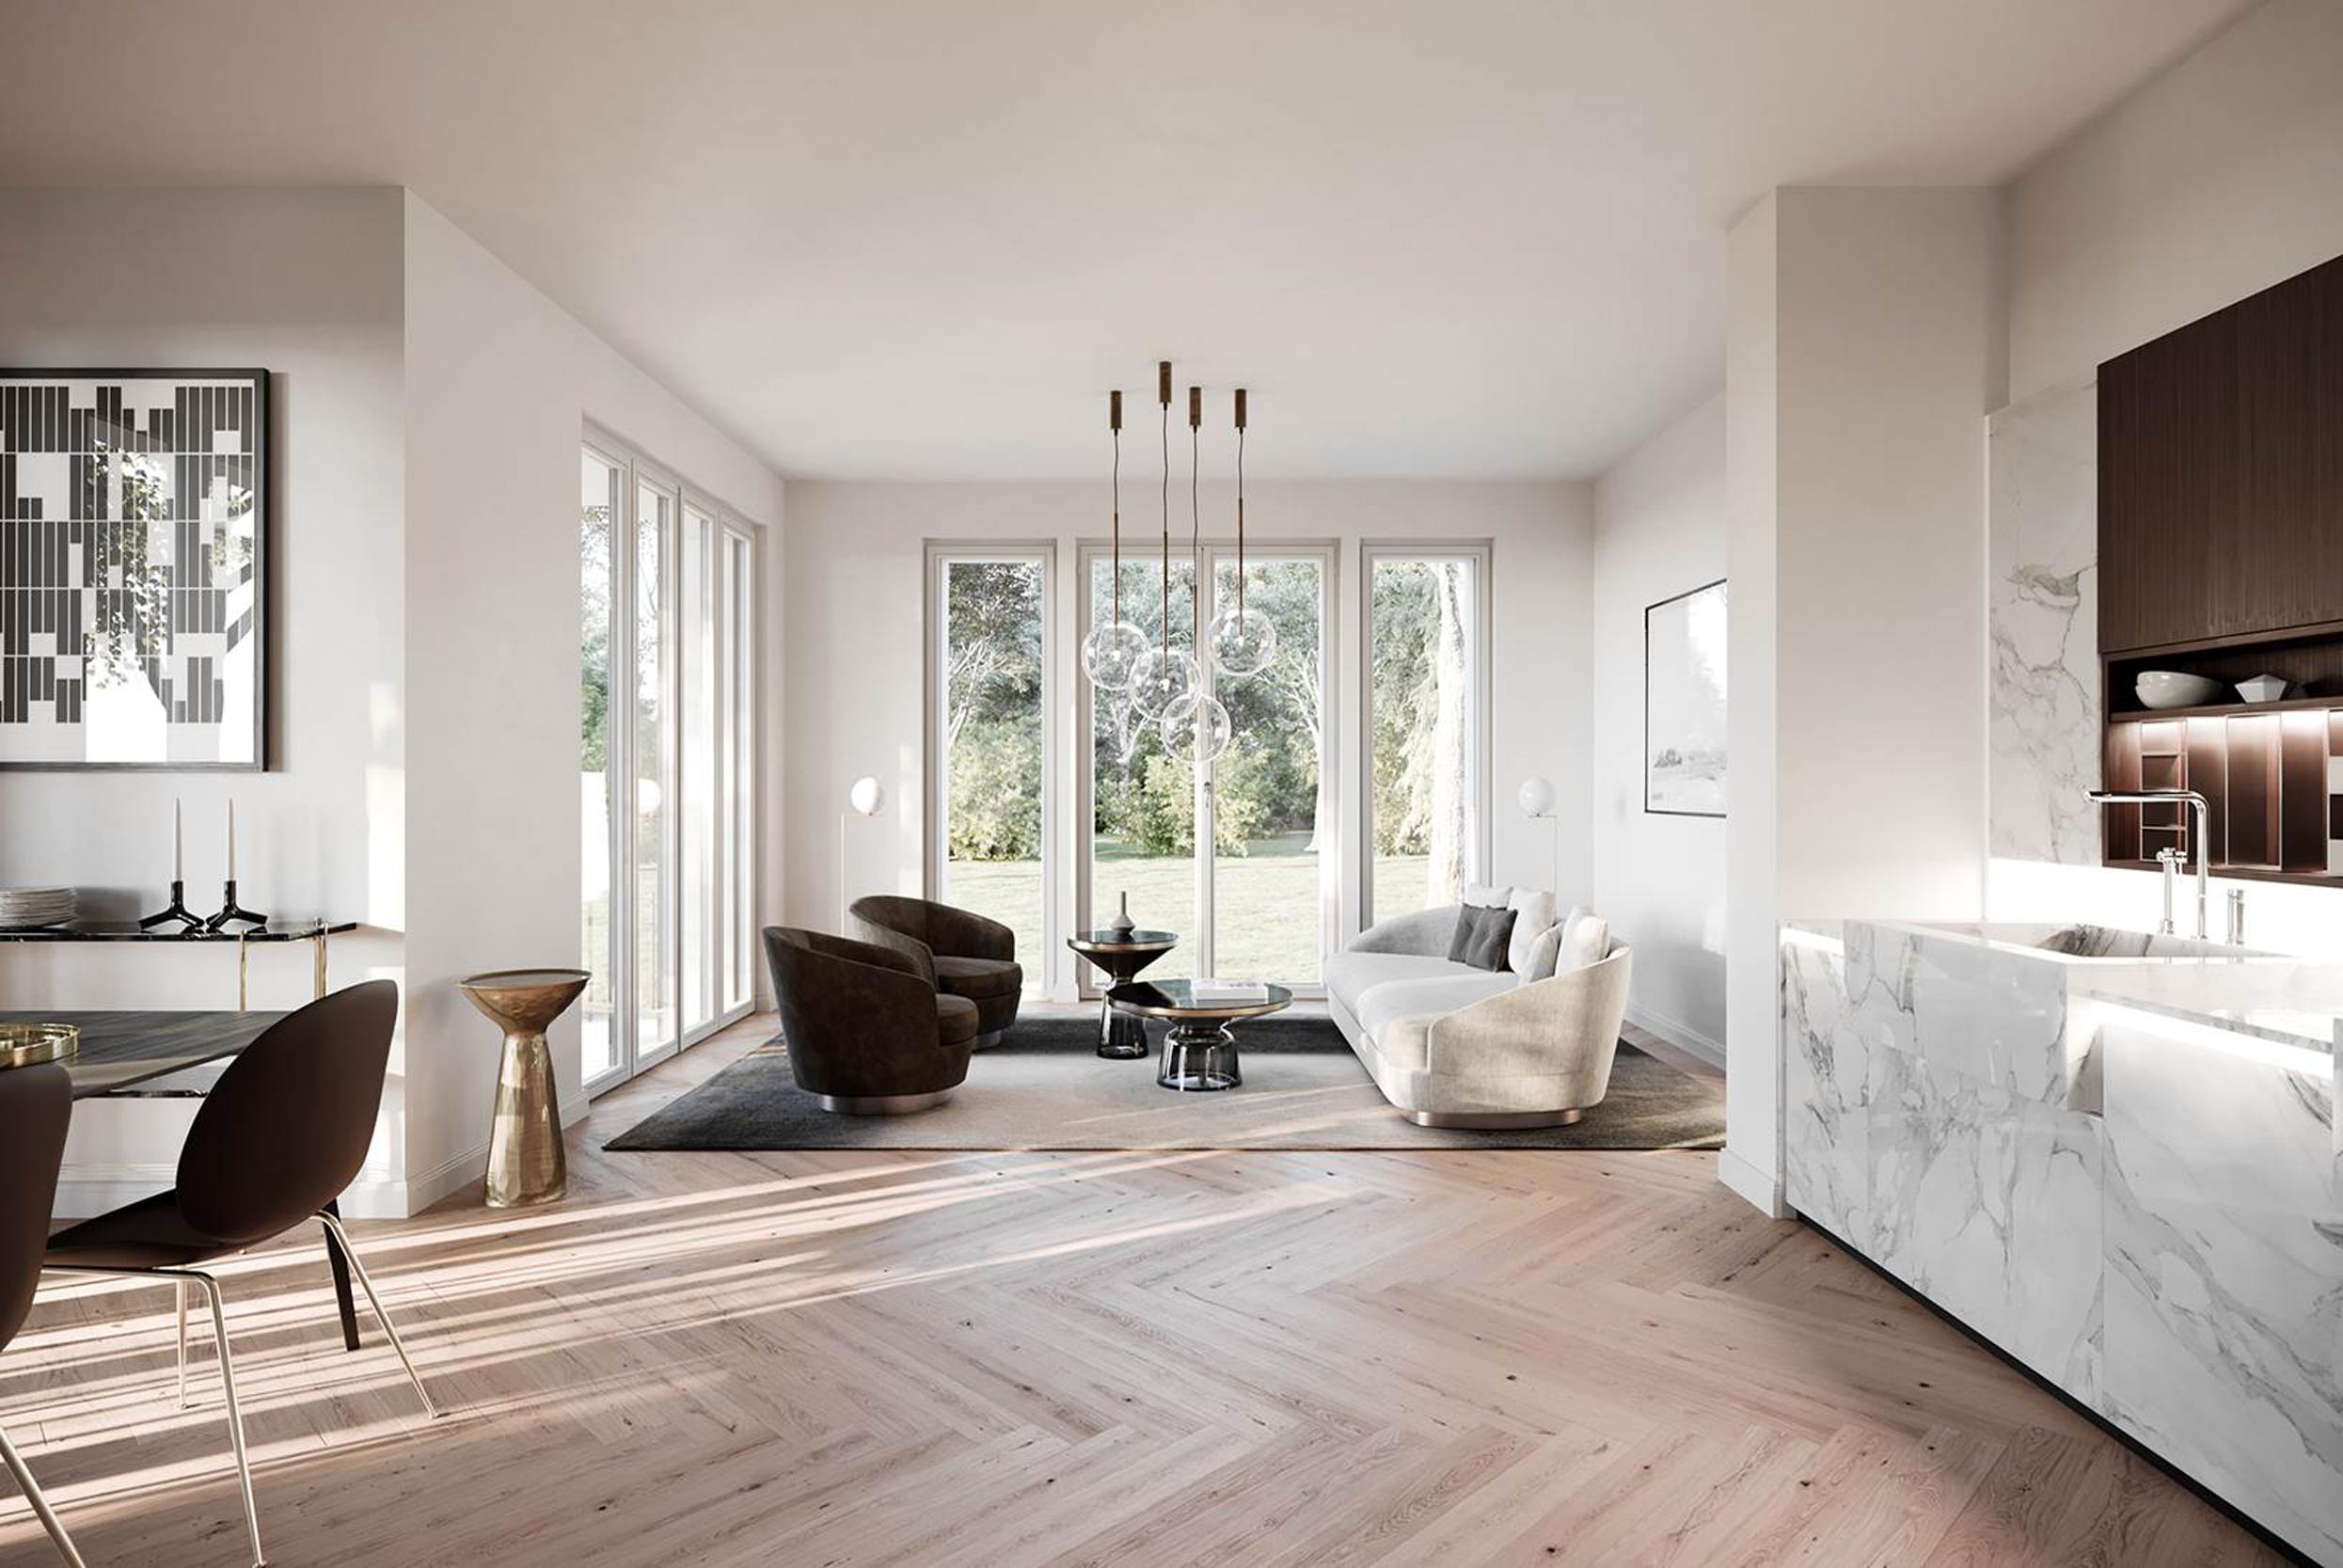 podbielski 38 klassische stadtvilla mit modernen eigentumswohnungen. Black Bedroom Furniture Sets. Home Design Ideas